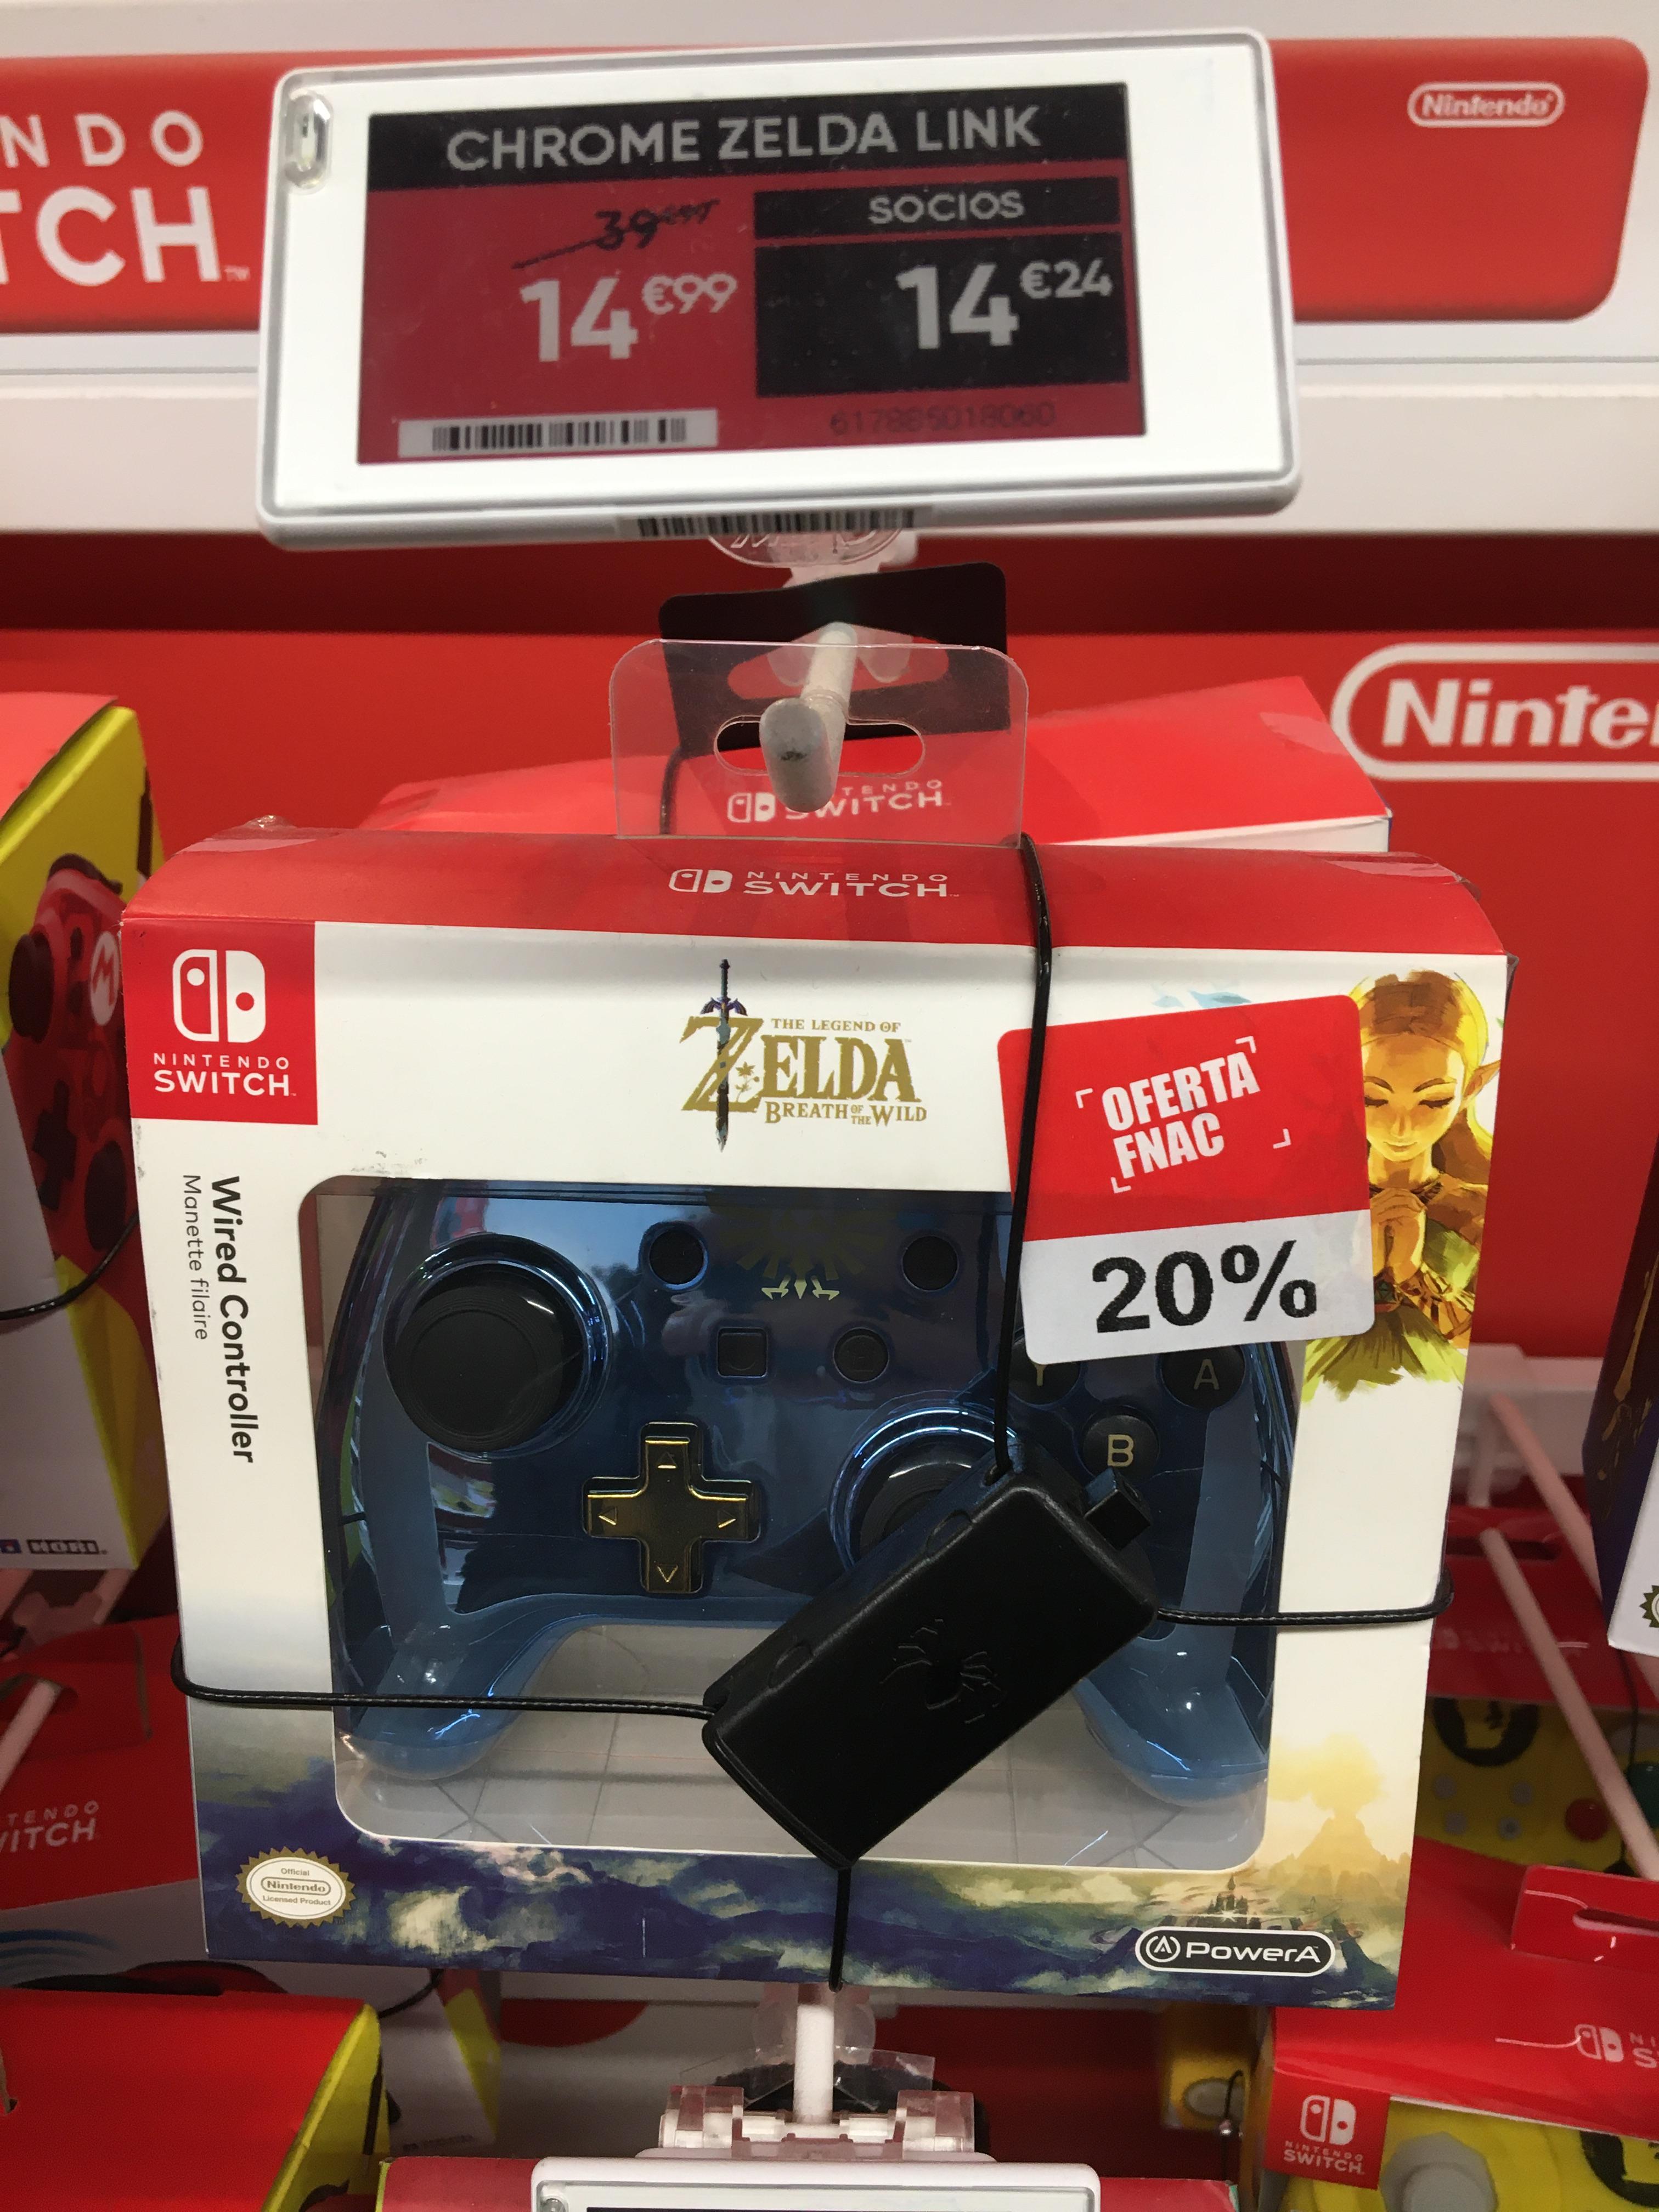 Mando Chrome Zelda para Nintendo Switch